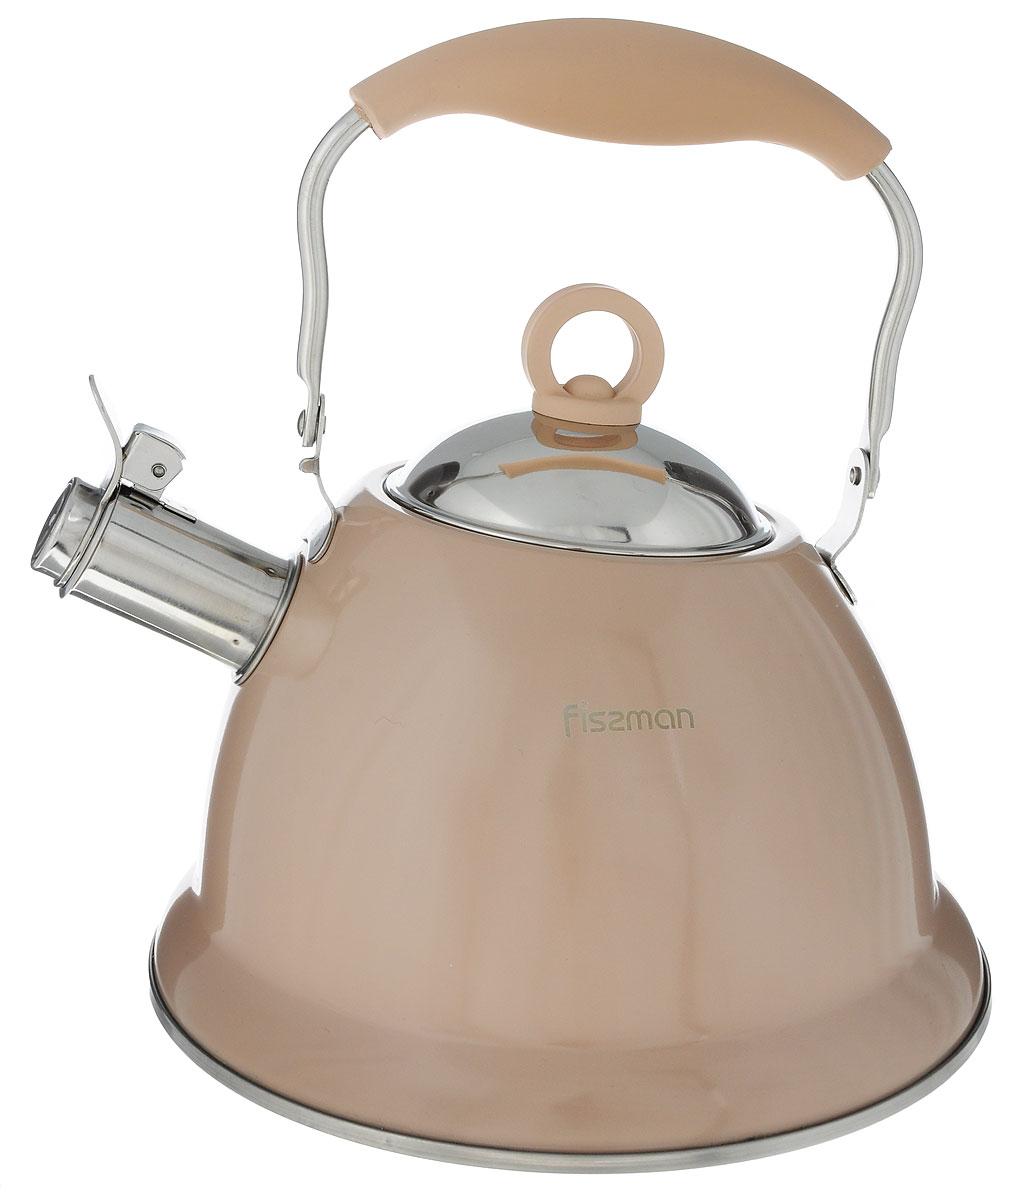 Чайник Fissman Florence, со свистком, цвет: кофейный, 2,6 лKT-5934.2.6_кофейныйЧайник Fissman Florence изготовлен из высококачественной нержавеющей стали 18/10. Нержавеющая сталь обладает высокой устойчивостью к коррозии, не вступает в реакцию с холодными и горячими продуктами и полностью сохраняет их вкусовые качества. Особая конструкция капсулированного дна способствует высокой теплопроводности и равномерному распределению тепла. Чайник оснащен удобной ручкой с силиконовым покрытием. Носик чайника имеет откидной свисток, звуковой сигнал которого подскажет, когда закипит вода. Благодаря чайнику Fissman Florence, вы будете постоянно ощущать тепло и уют на вашей кухне. Подходит для газовых, электрических, стеклокерамических, индукционных плит. Можно мыть в посудомоечной машине. Диаметр чайника (по верхнему краю): 9,5 см. Высота чайника (без учета крышки и ручки): 13 см. Высота чайника (с учетом ручки): 25,5 см. Диаметр индукционного диска: 18,5 см.